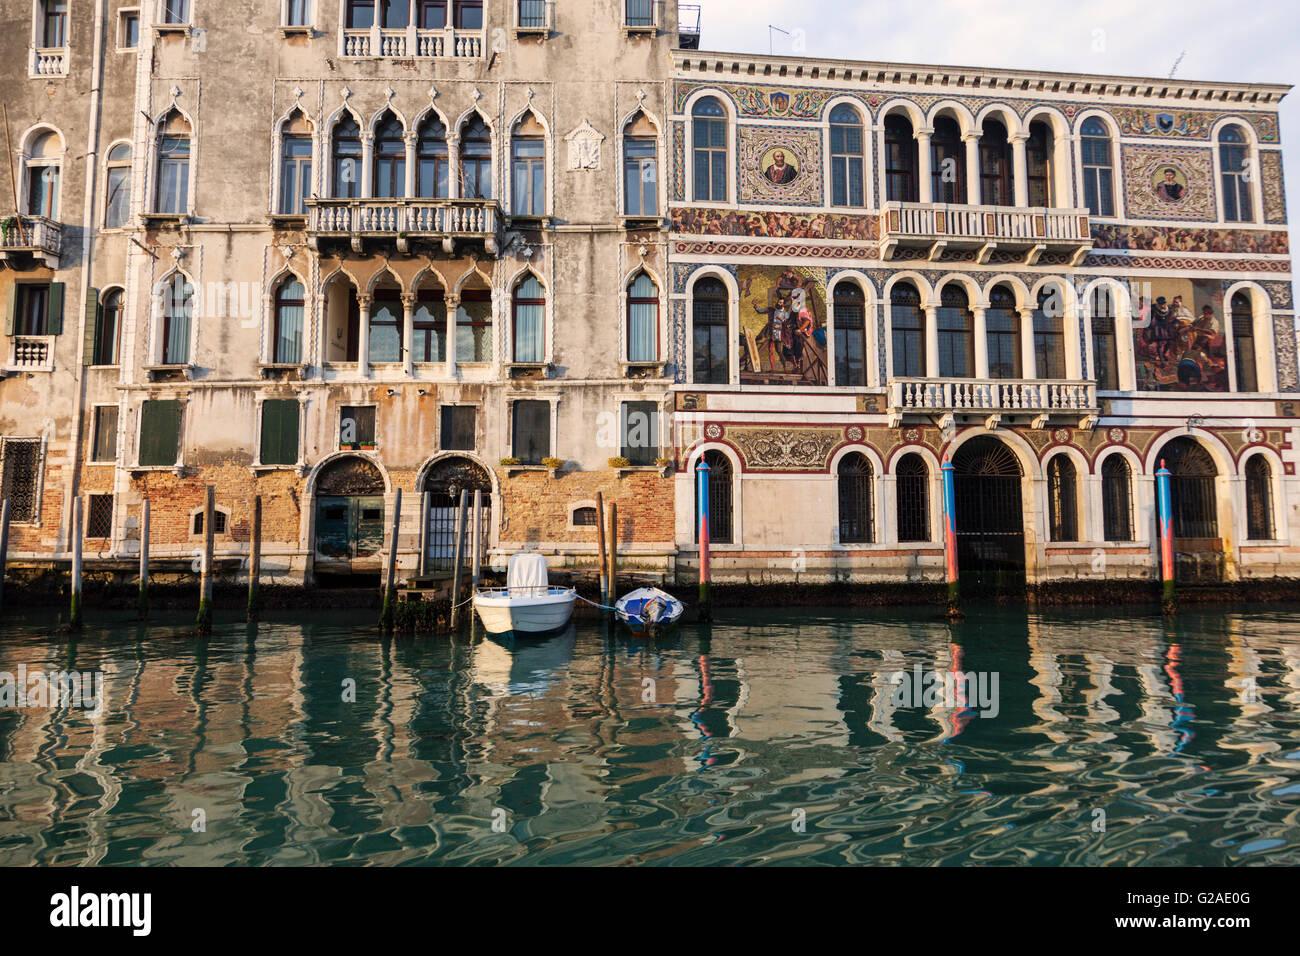 Venice canals Venice, Veneto, Italy - Stock Image